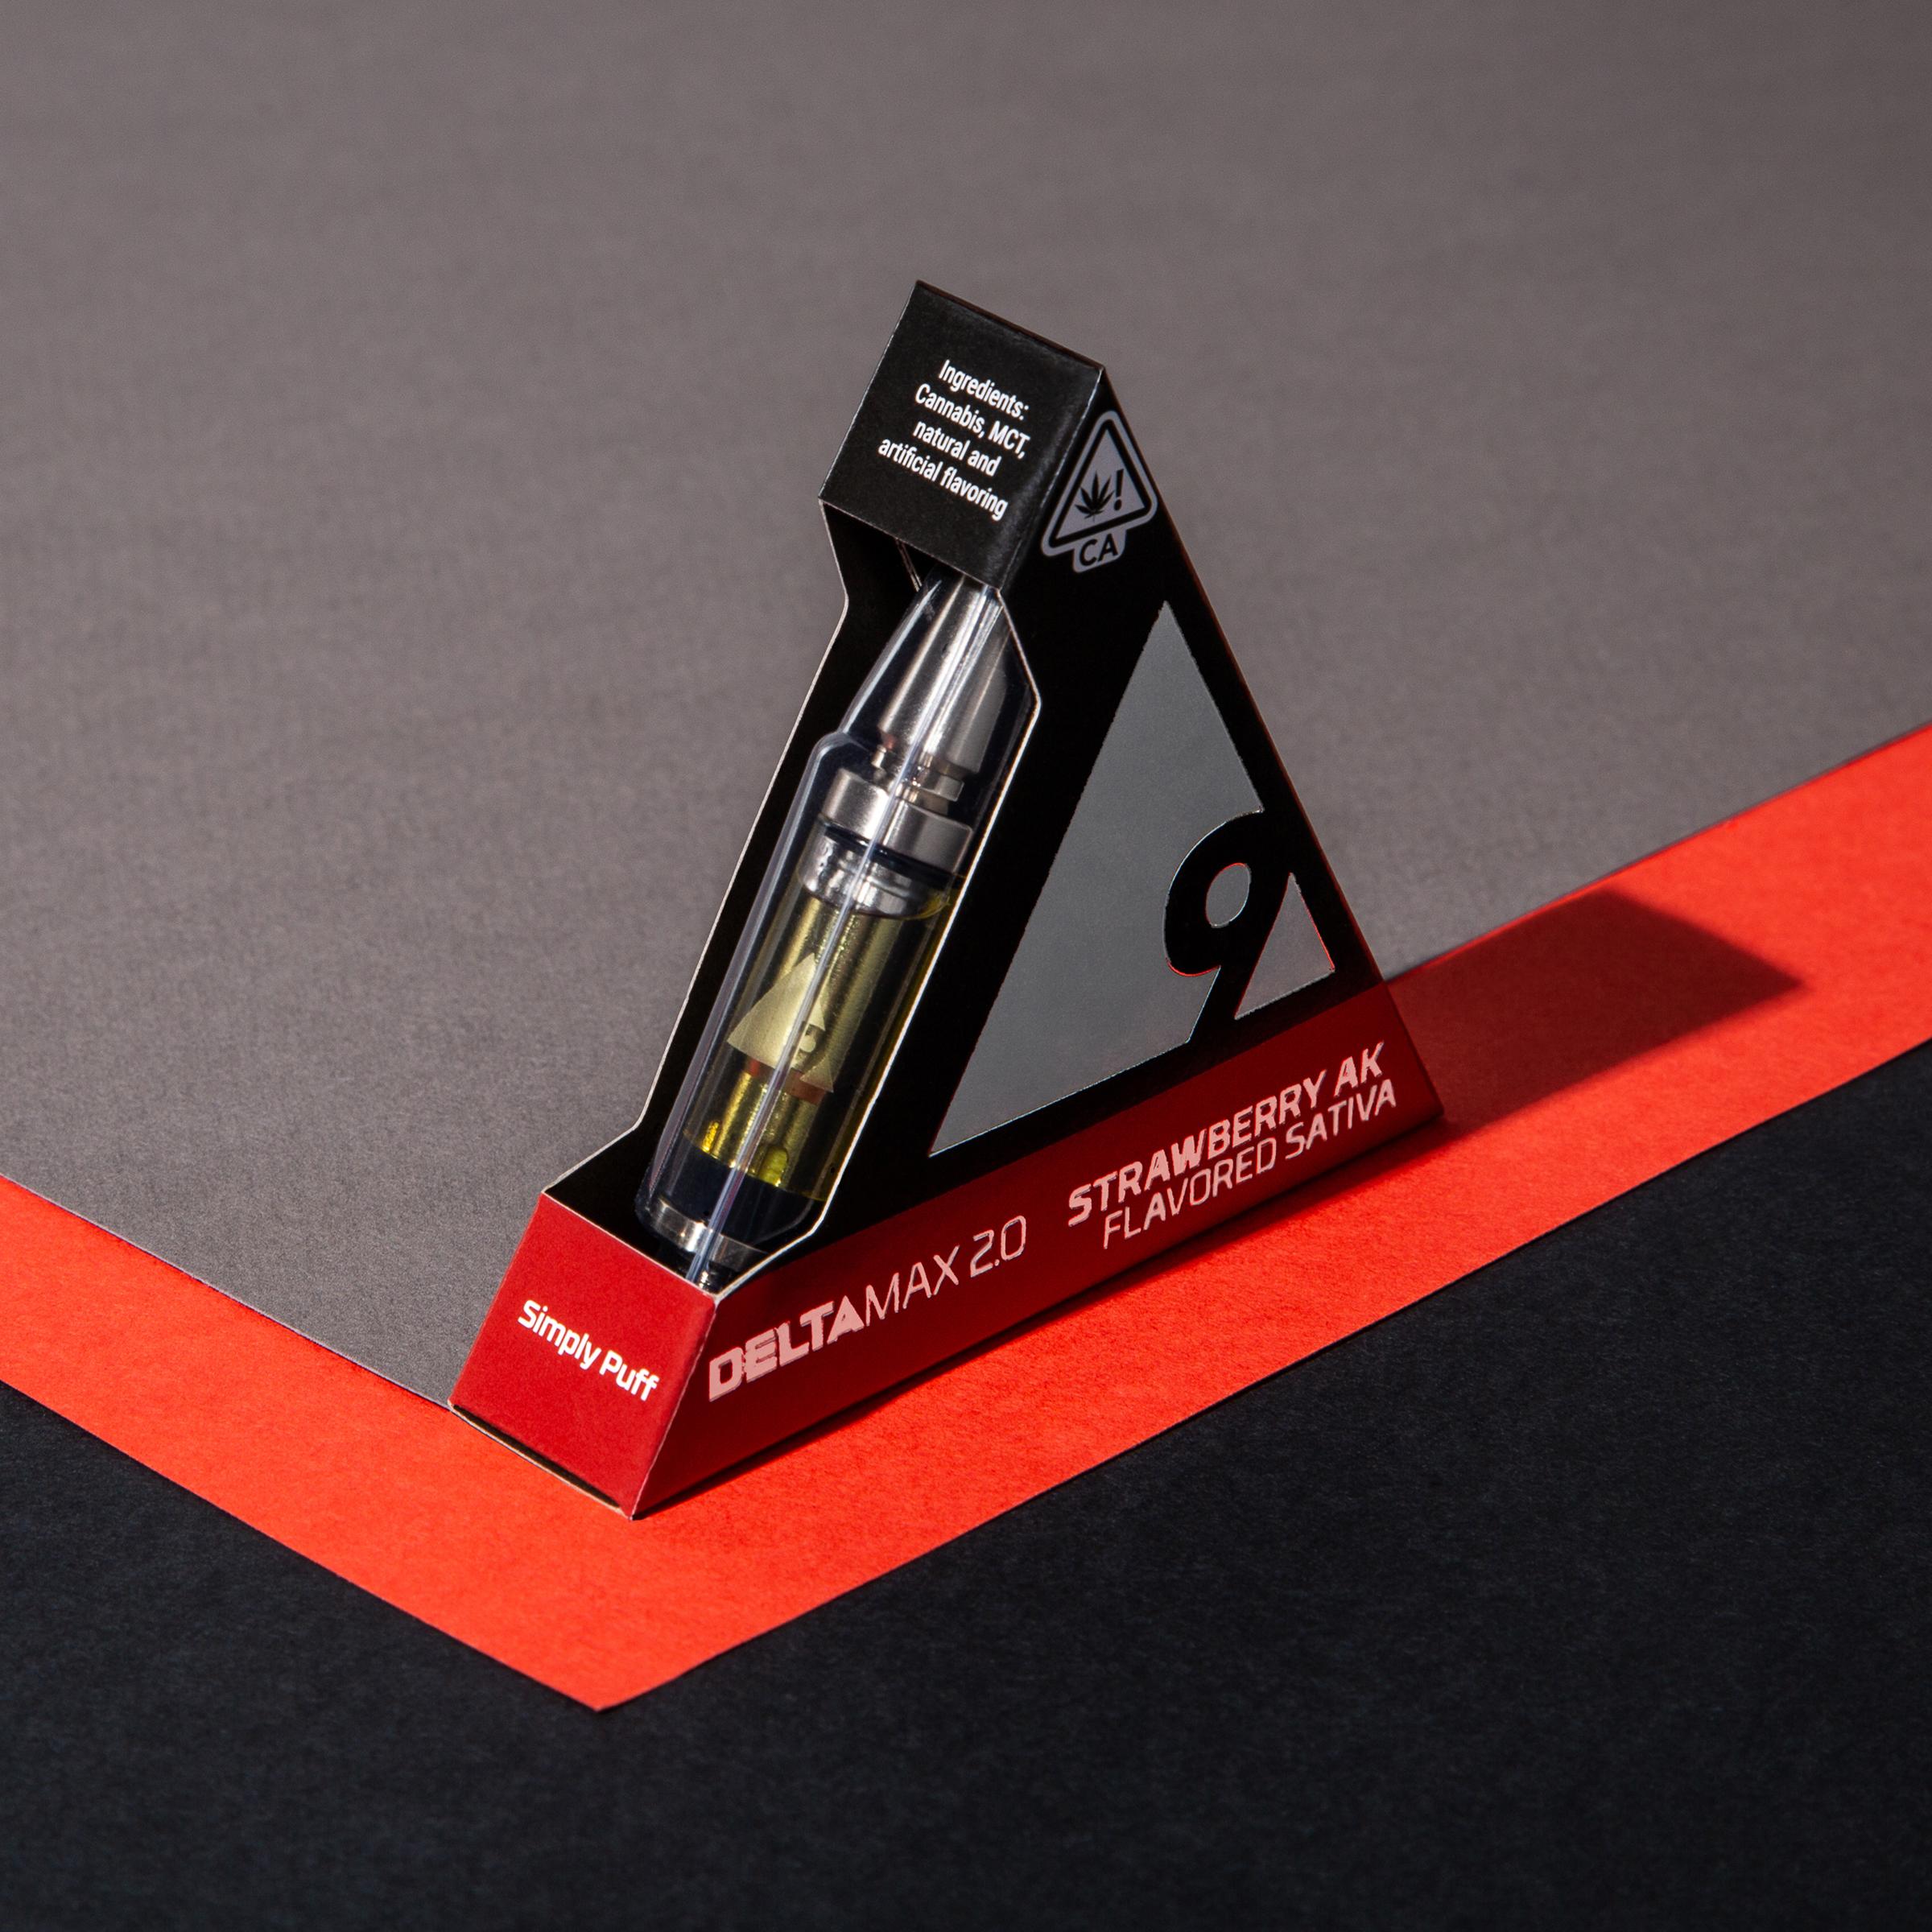 Delta-9-Cannabis-Oil-Strawberry-AK-Flavored-Sativa.jpg